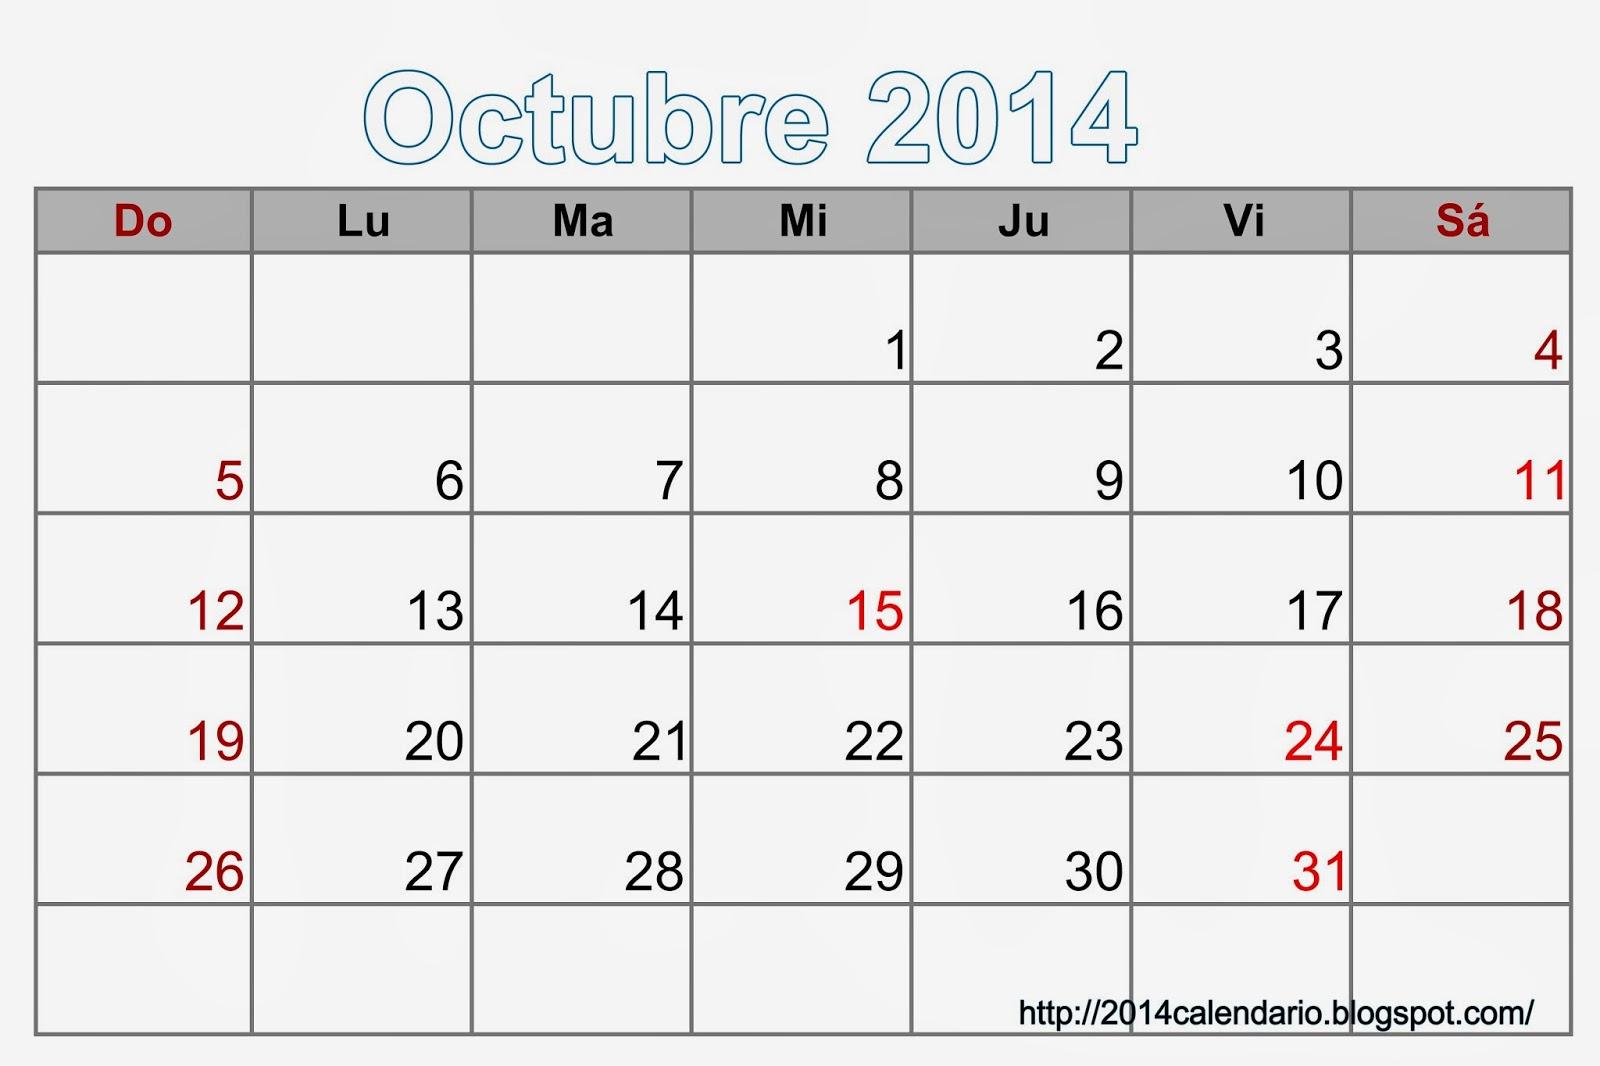 Calendario 2014 Imprimir Excel Calendario 2014 Octubre Excel.jpg